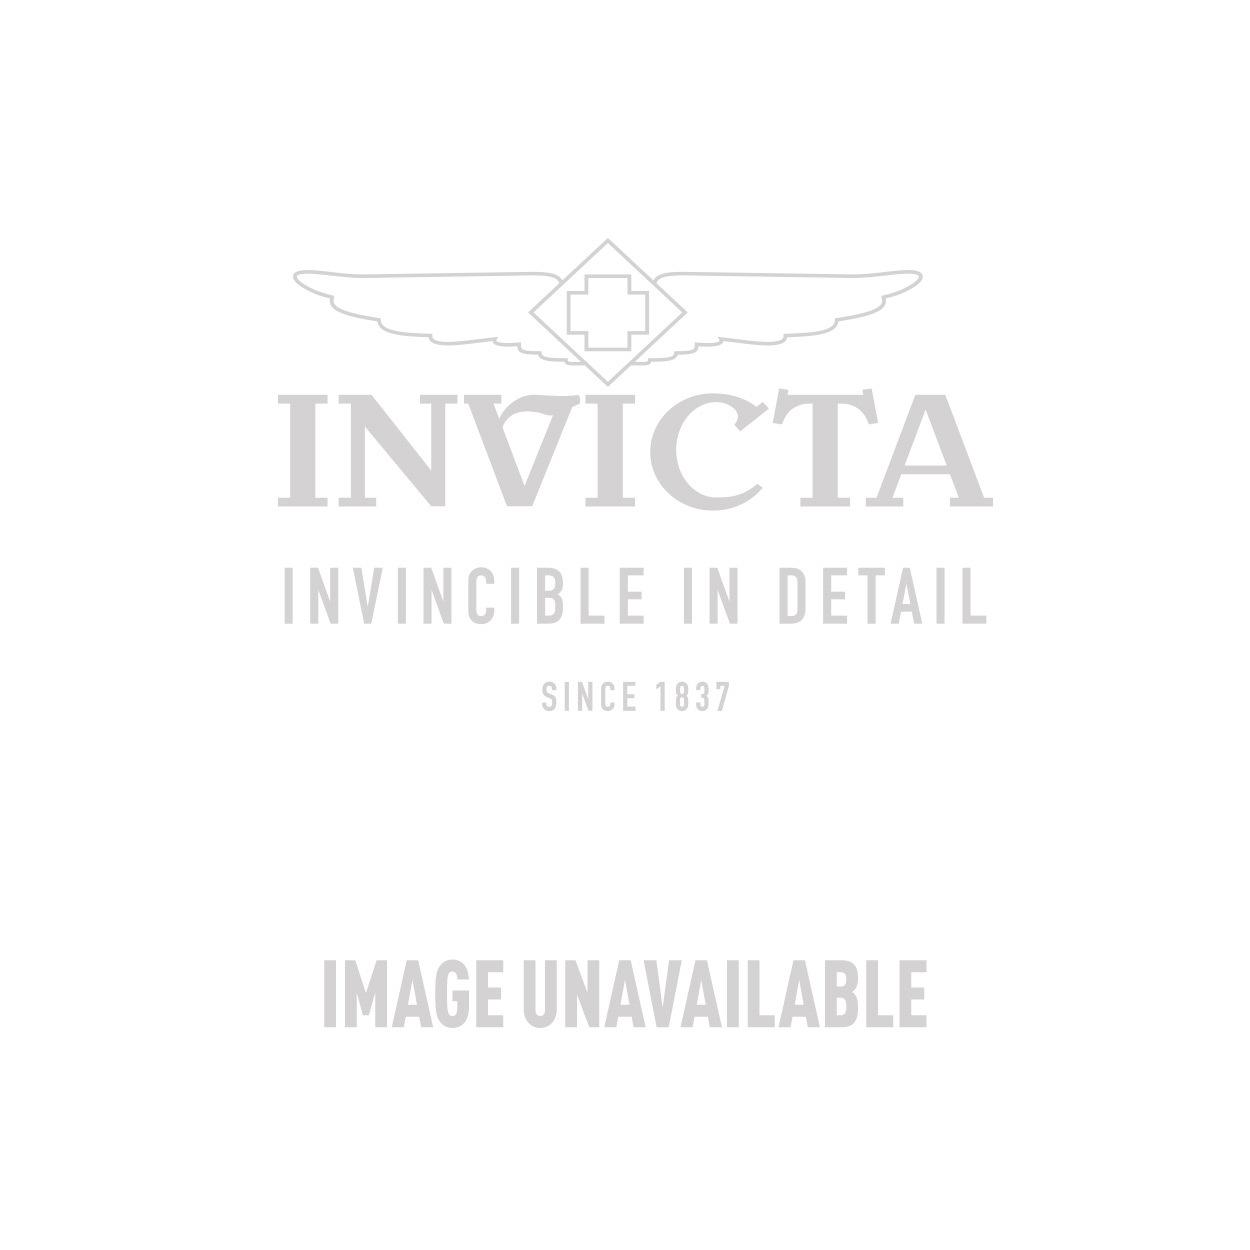 Invicta Model 24756